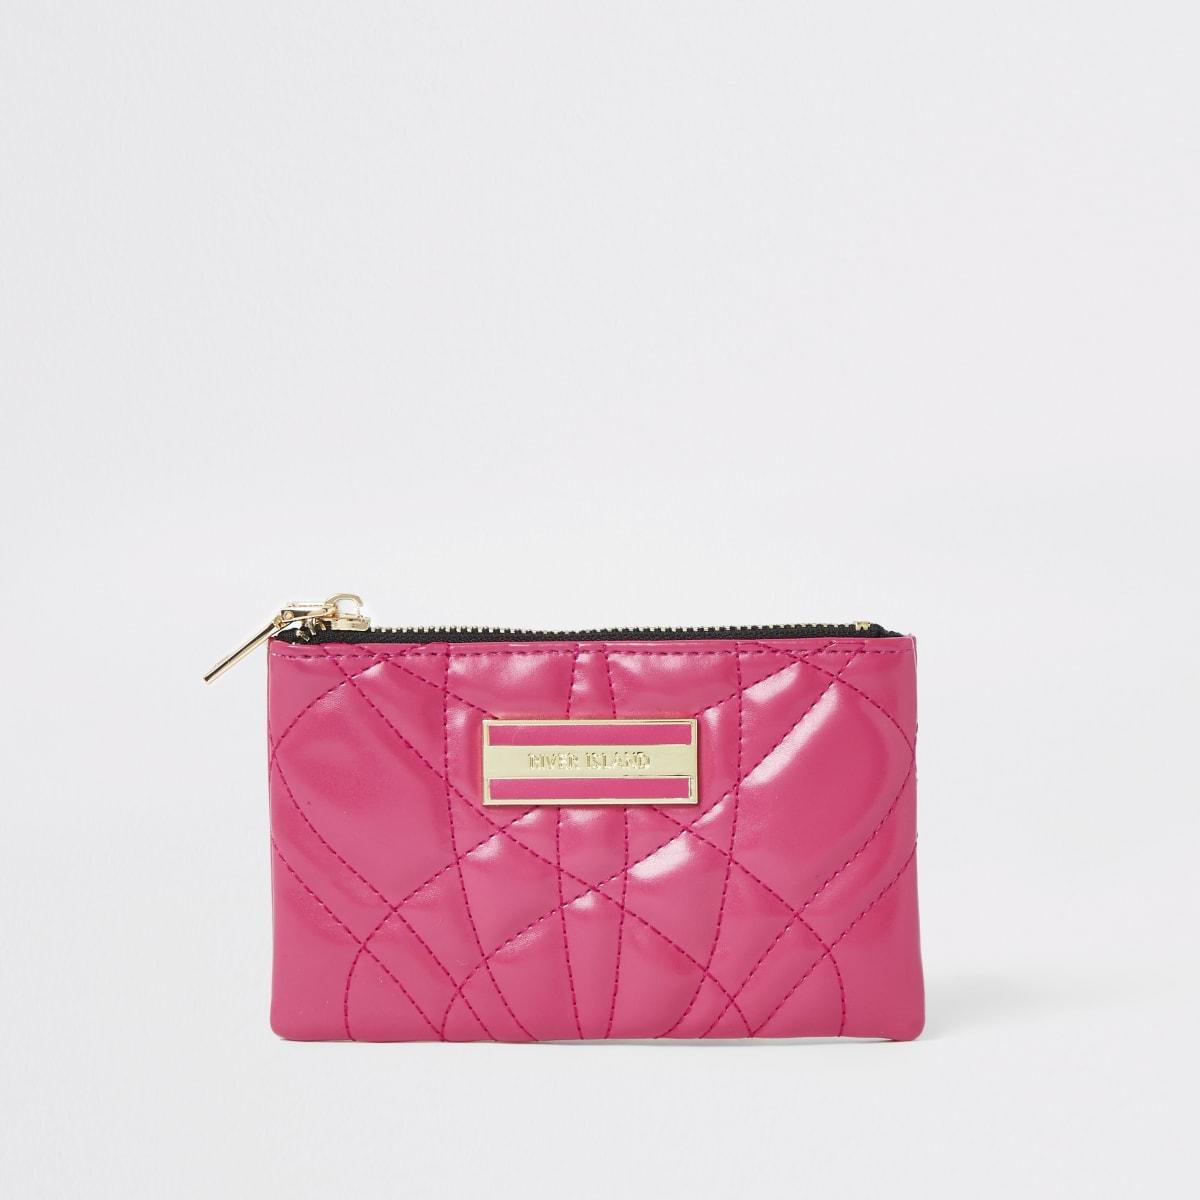 Petite porte-monnaie rose matelassé